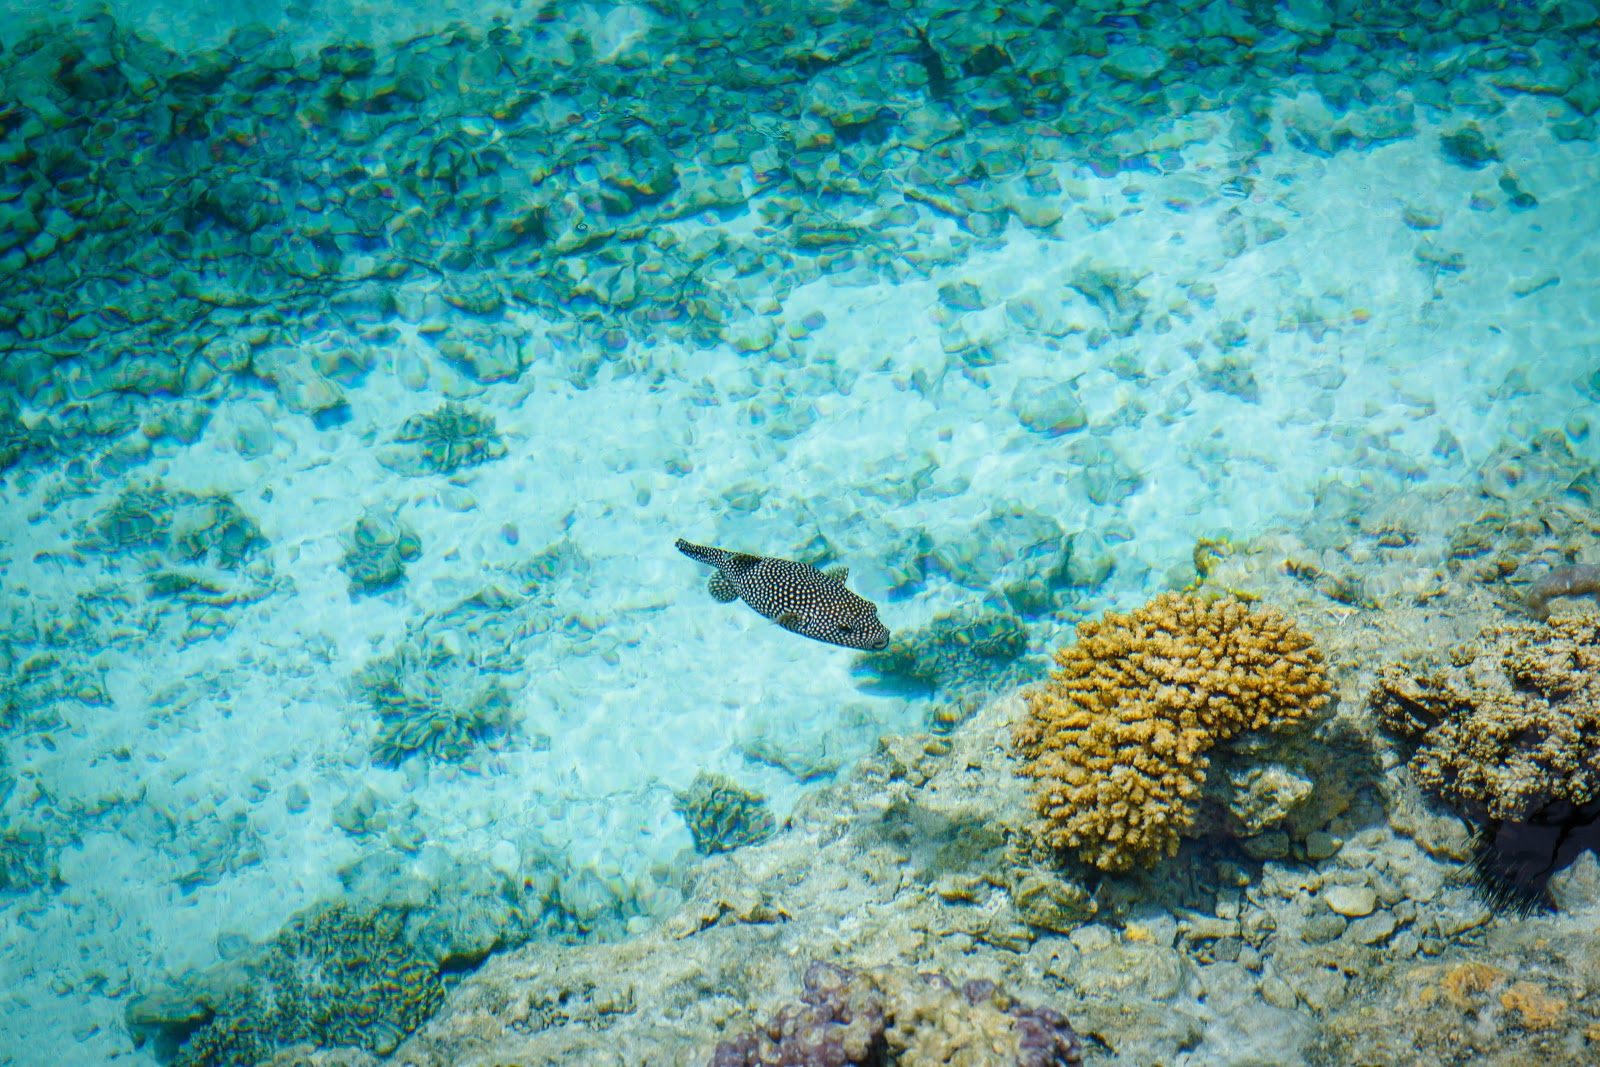 環遊世界|大溪地|艾美酒店海龜保育中心 Le Meridien Bora Bora Turtle Center